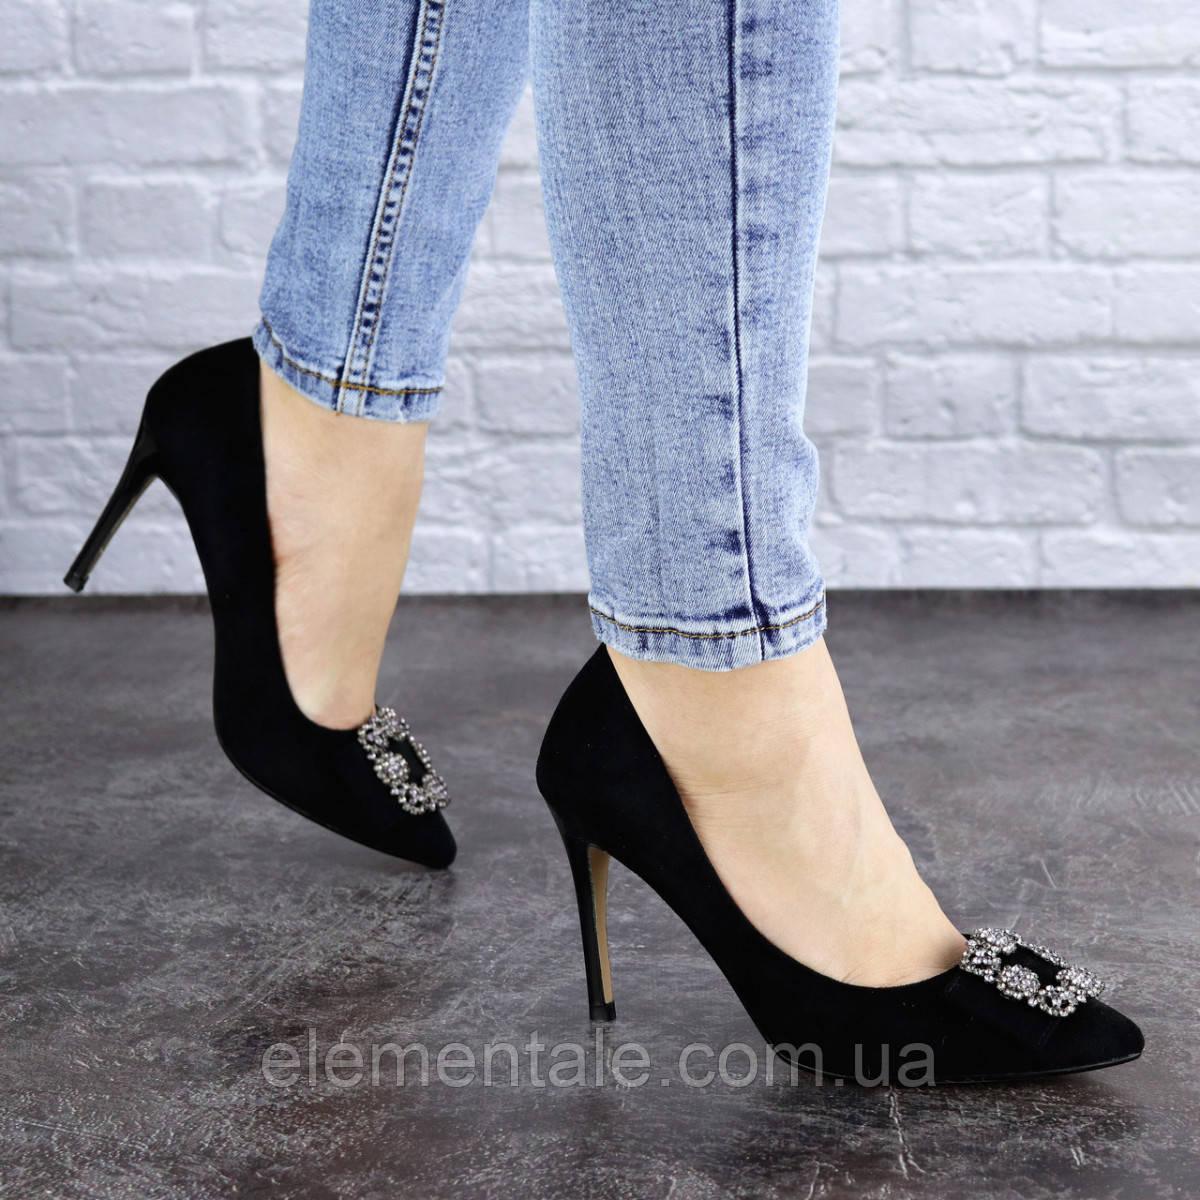 Женские туфли на каблуке 36 размер 23,5 см Черные